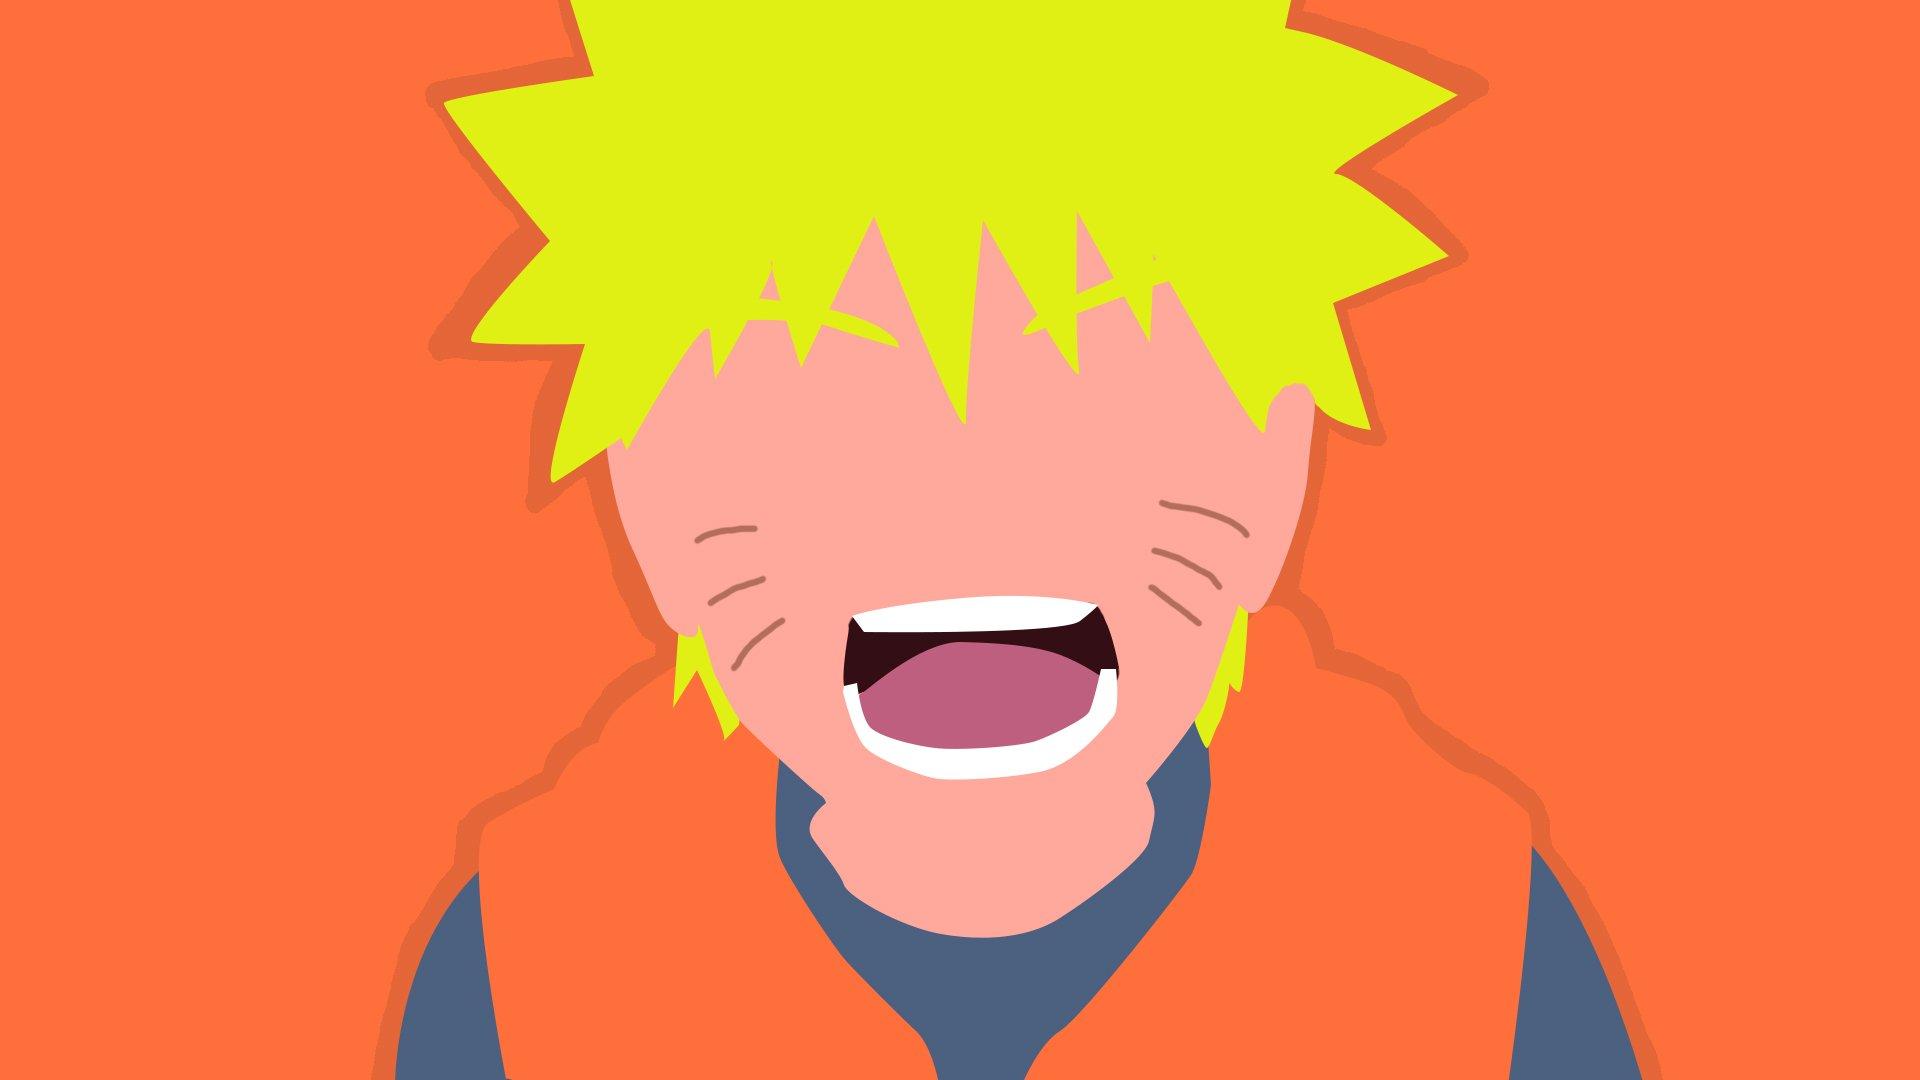 Best Wallpaper Naruto Minimalistic - thumb-1920-828724  HD_275322.jpg